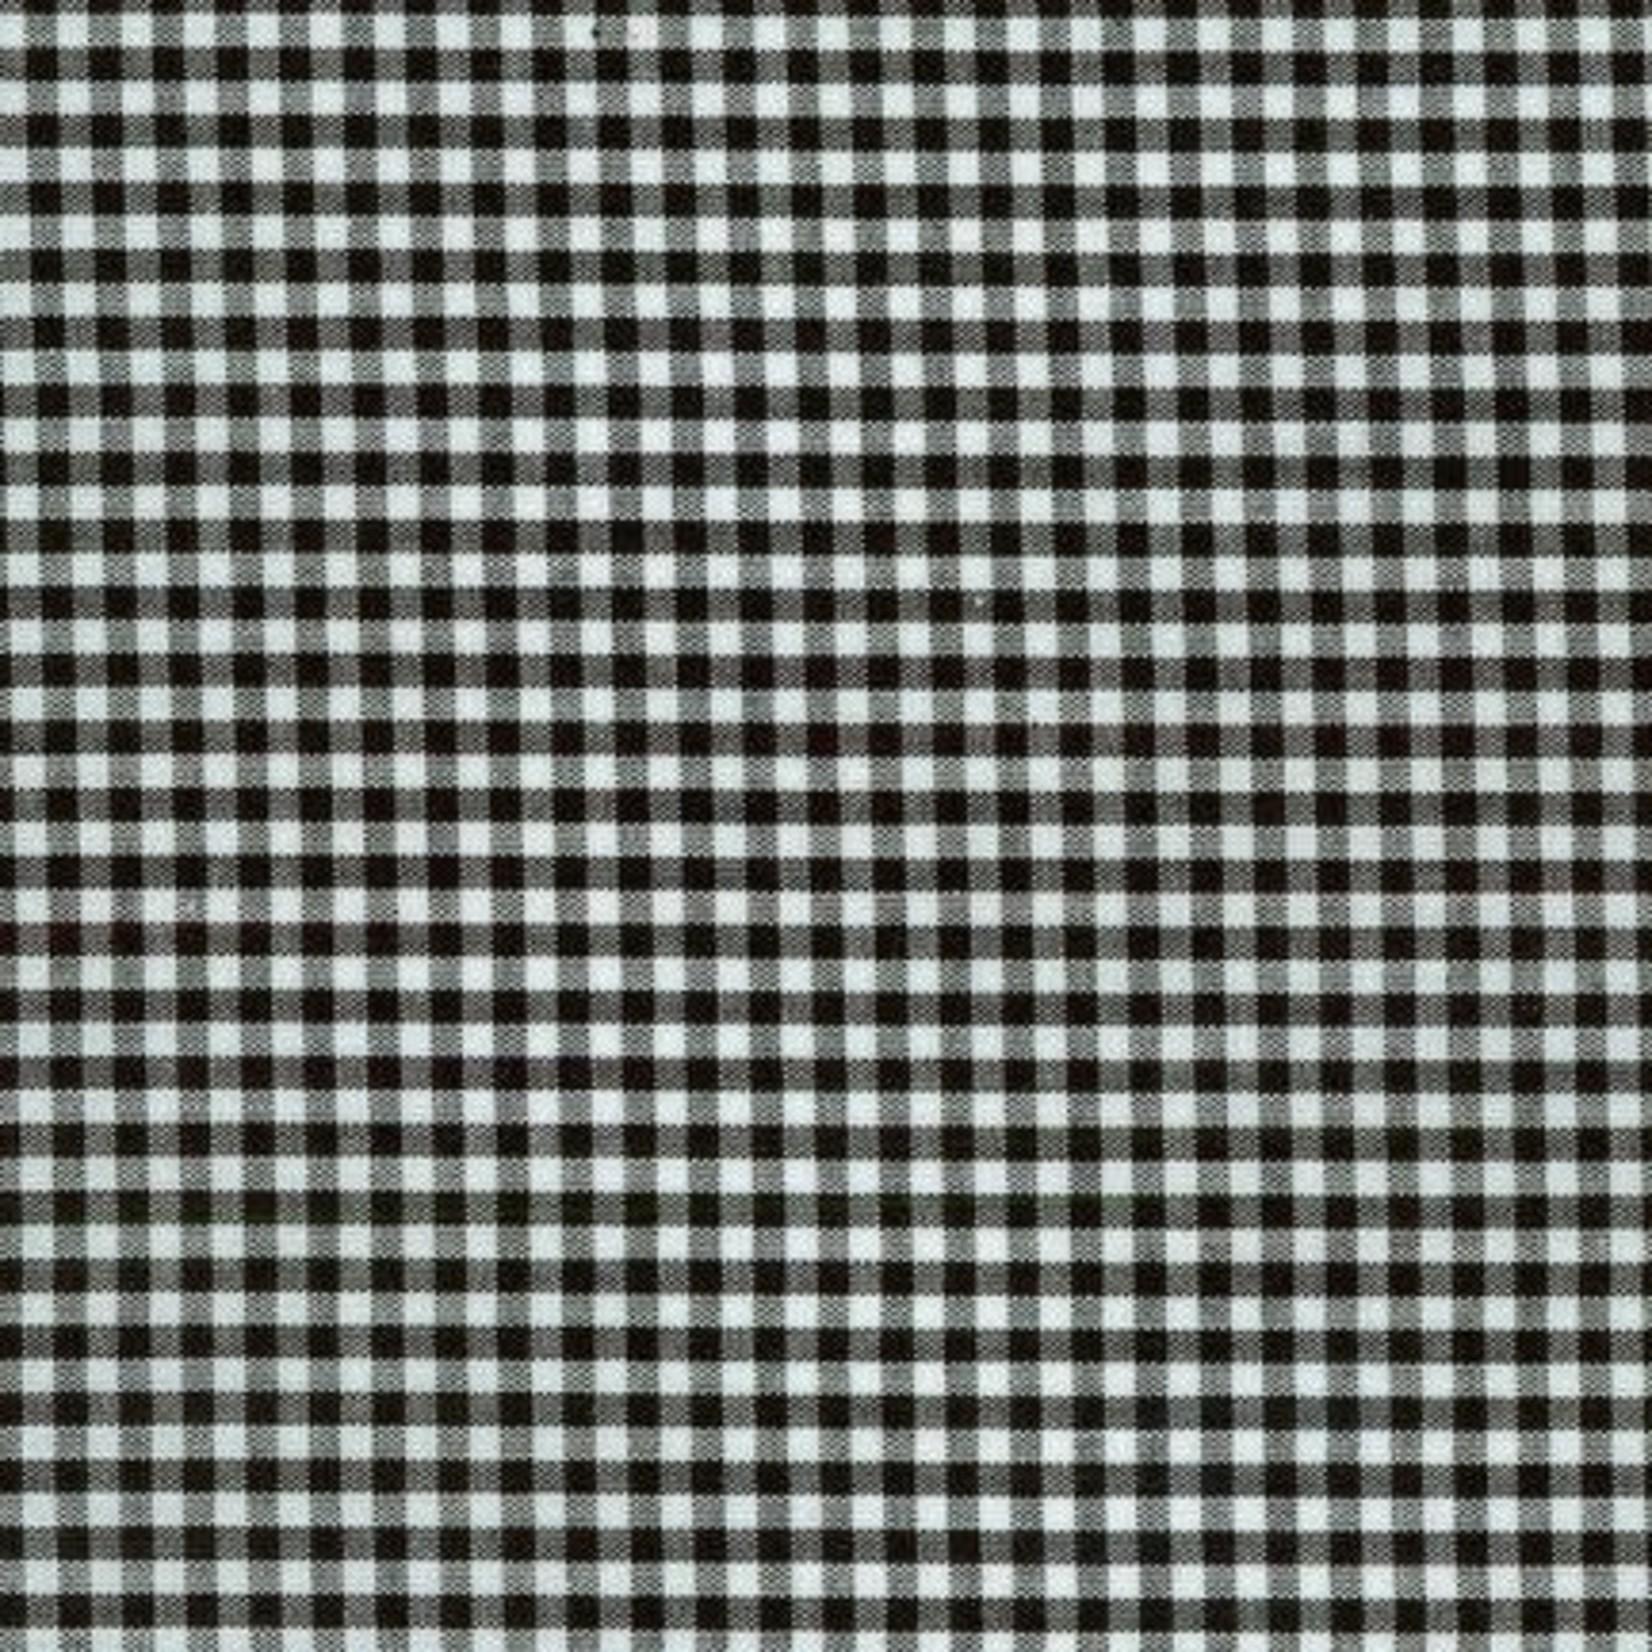 ROBERT KAUFMAN Carolina Gingham 1/8 Black per cm or $19/m